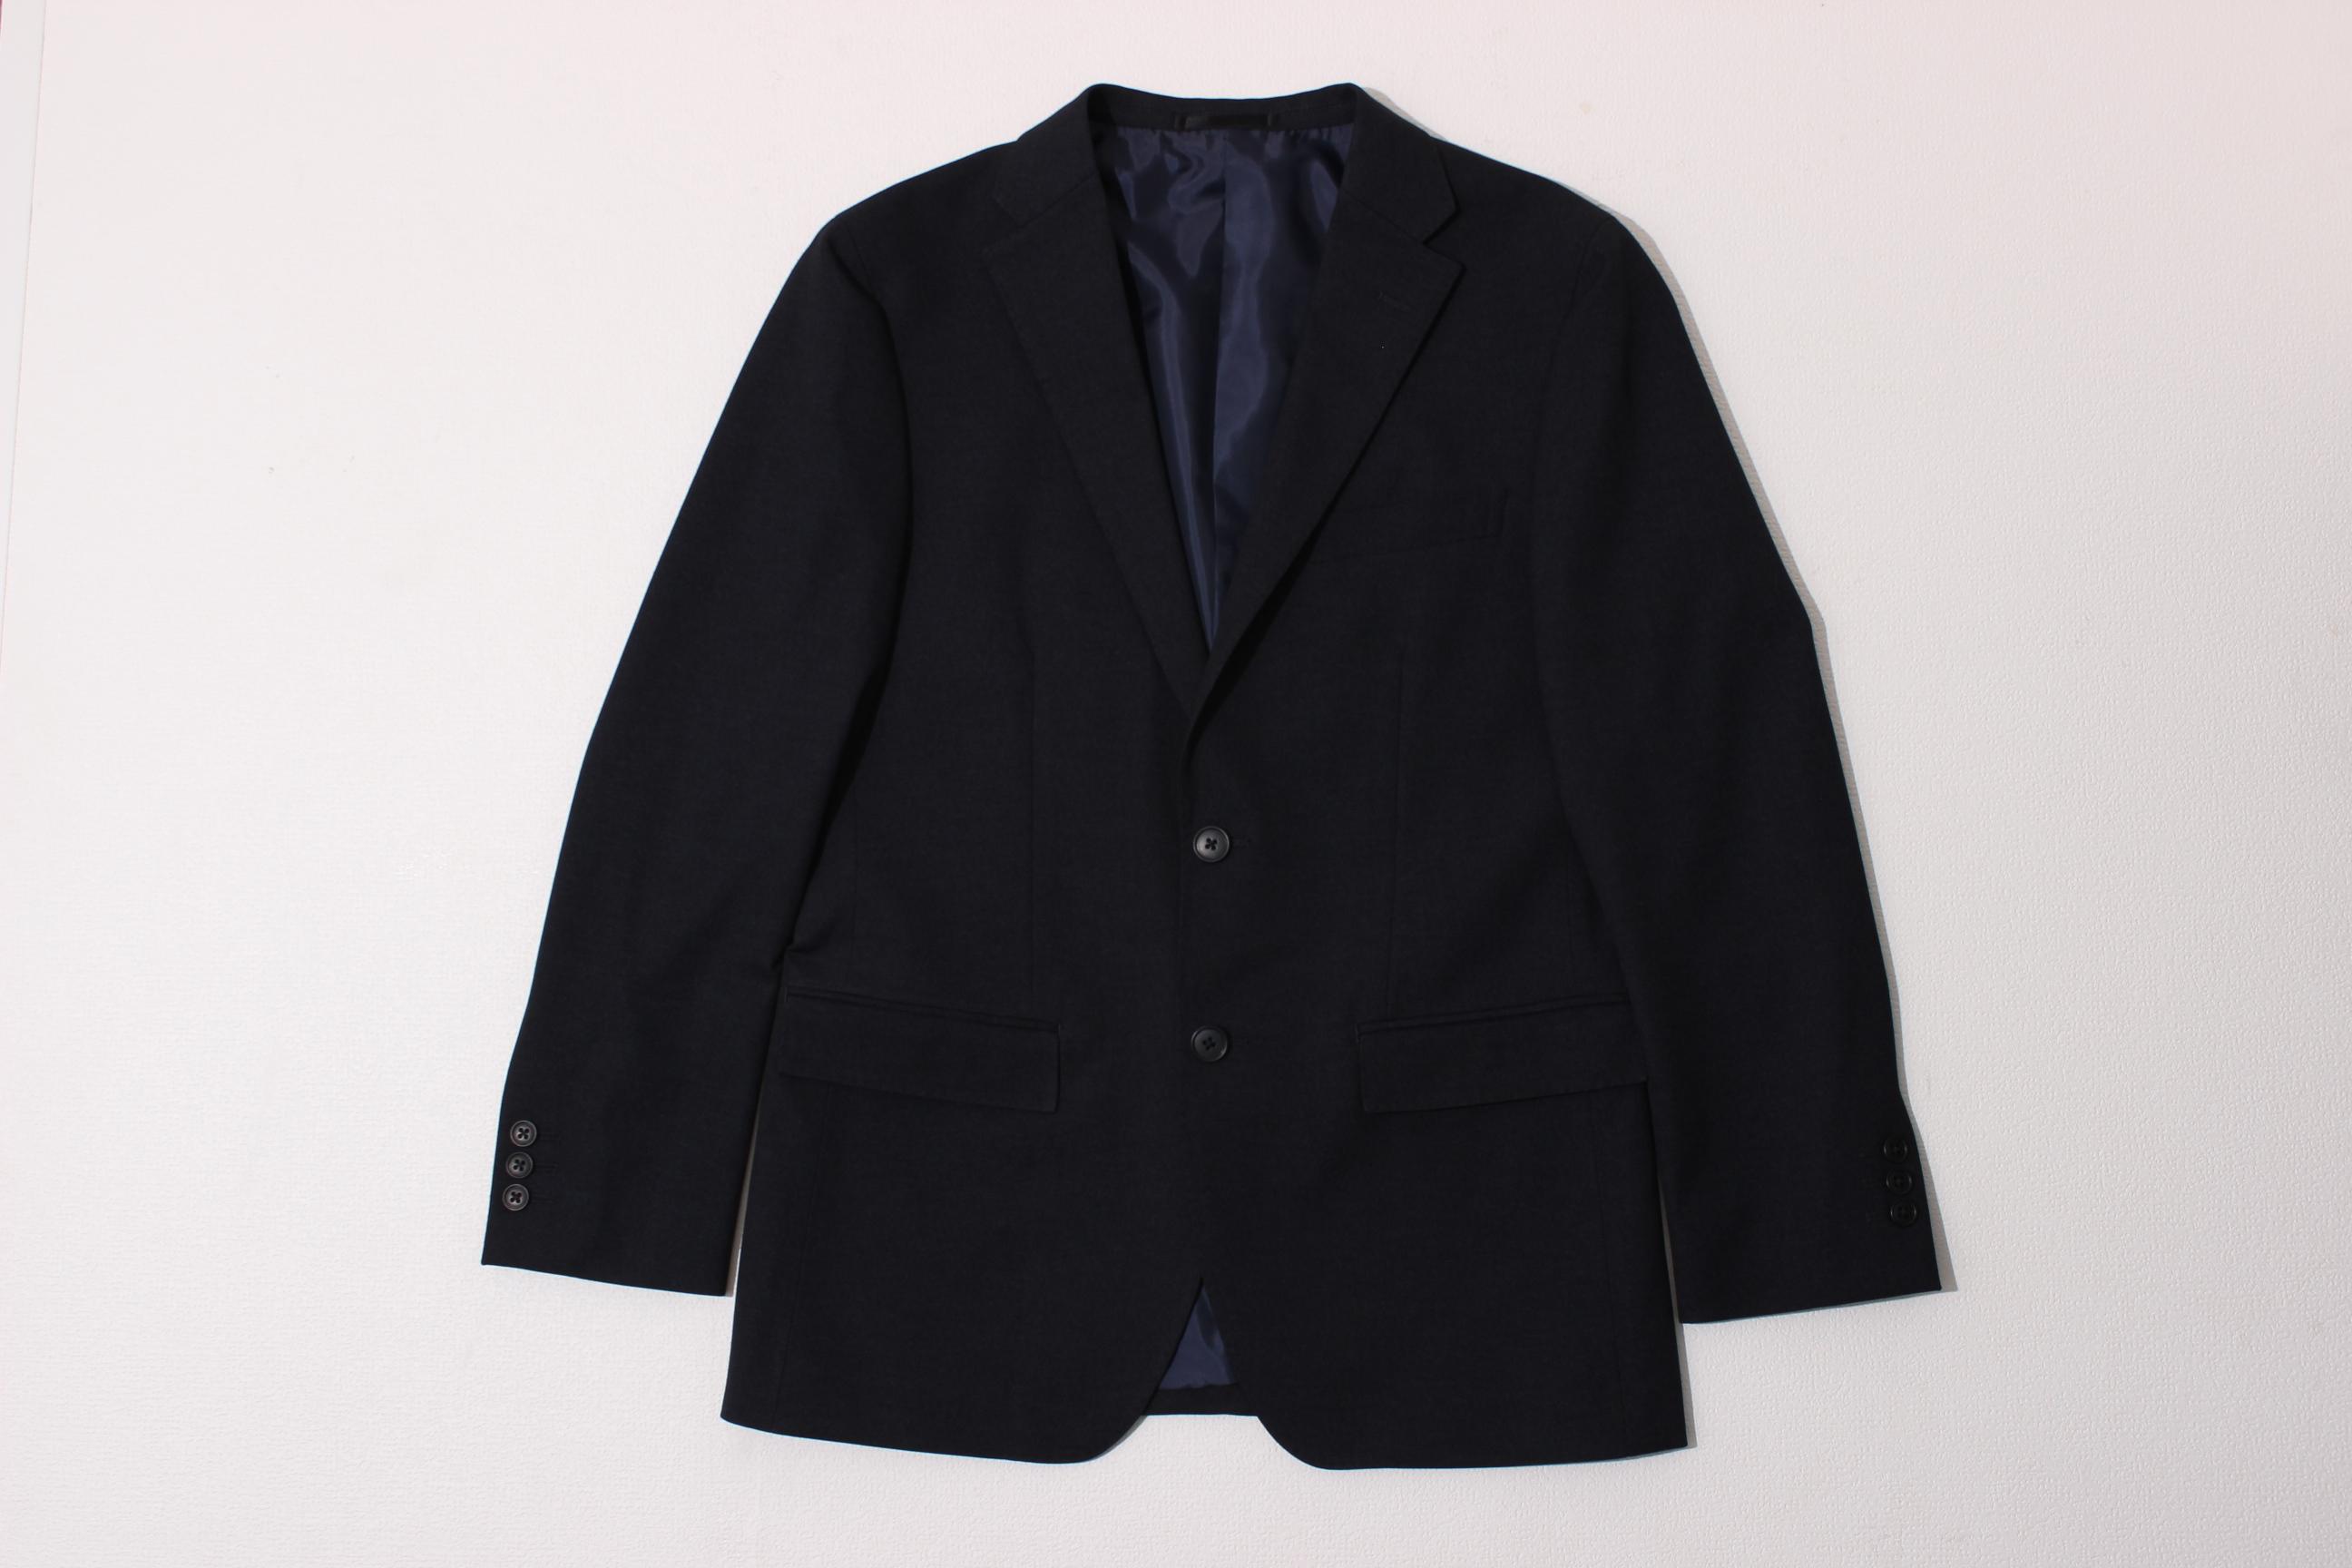 シックなカラーのジャケット